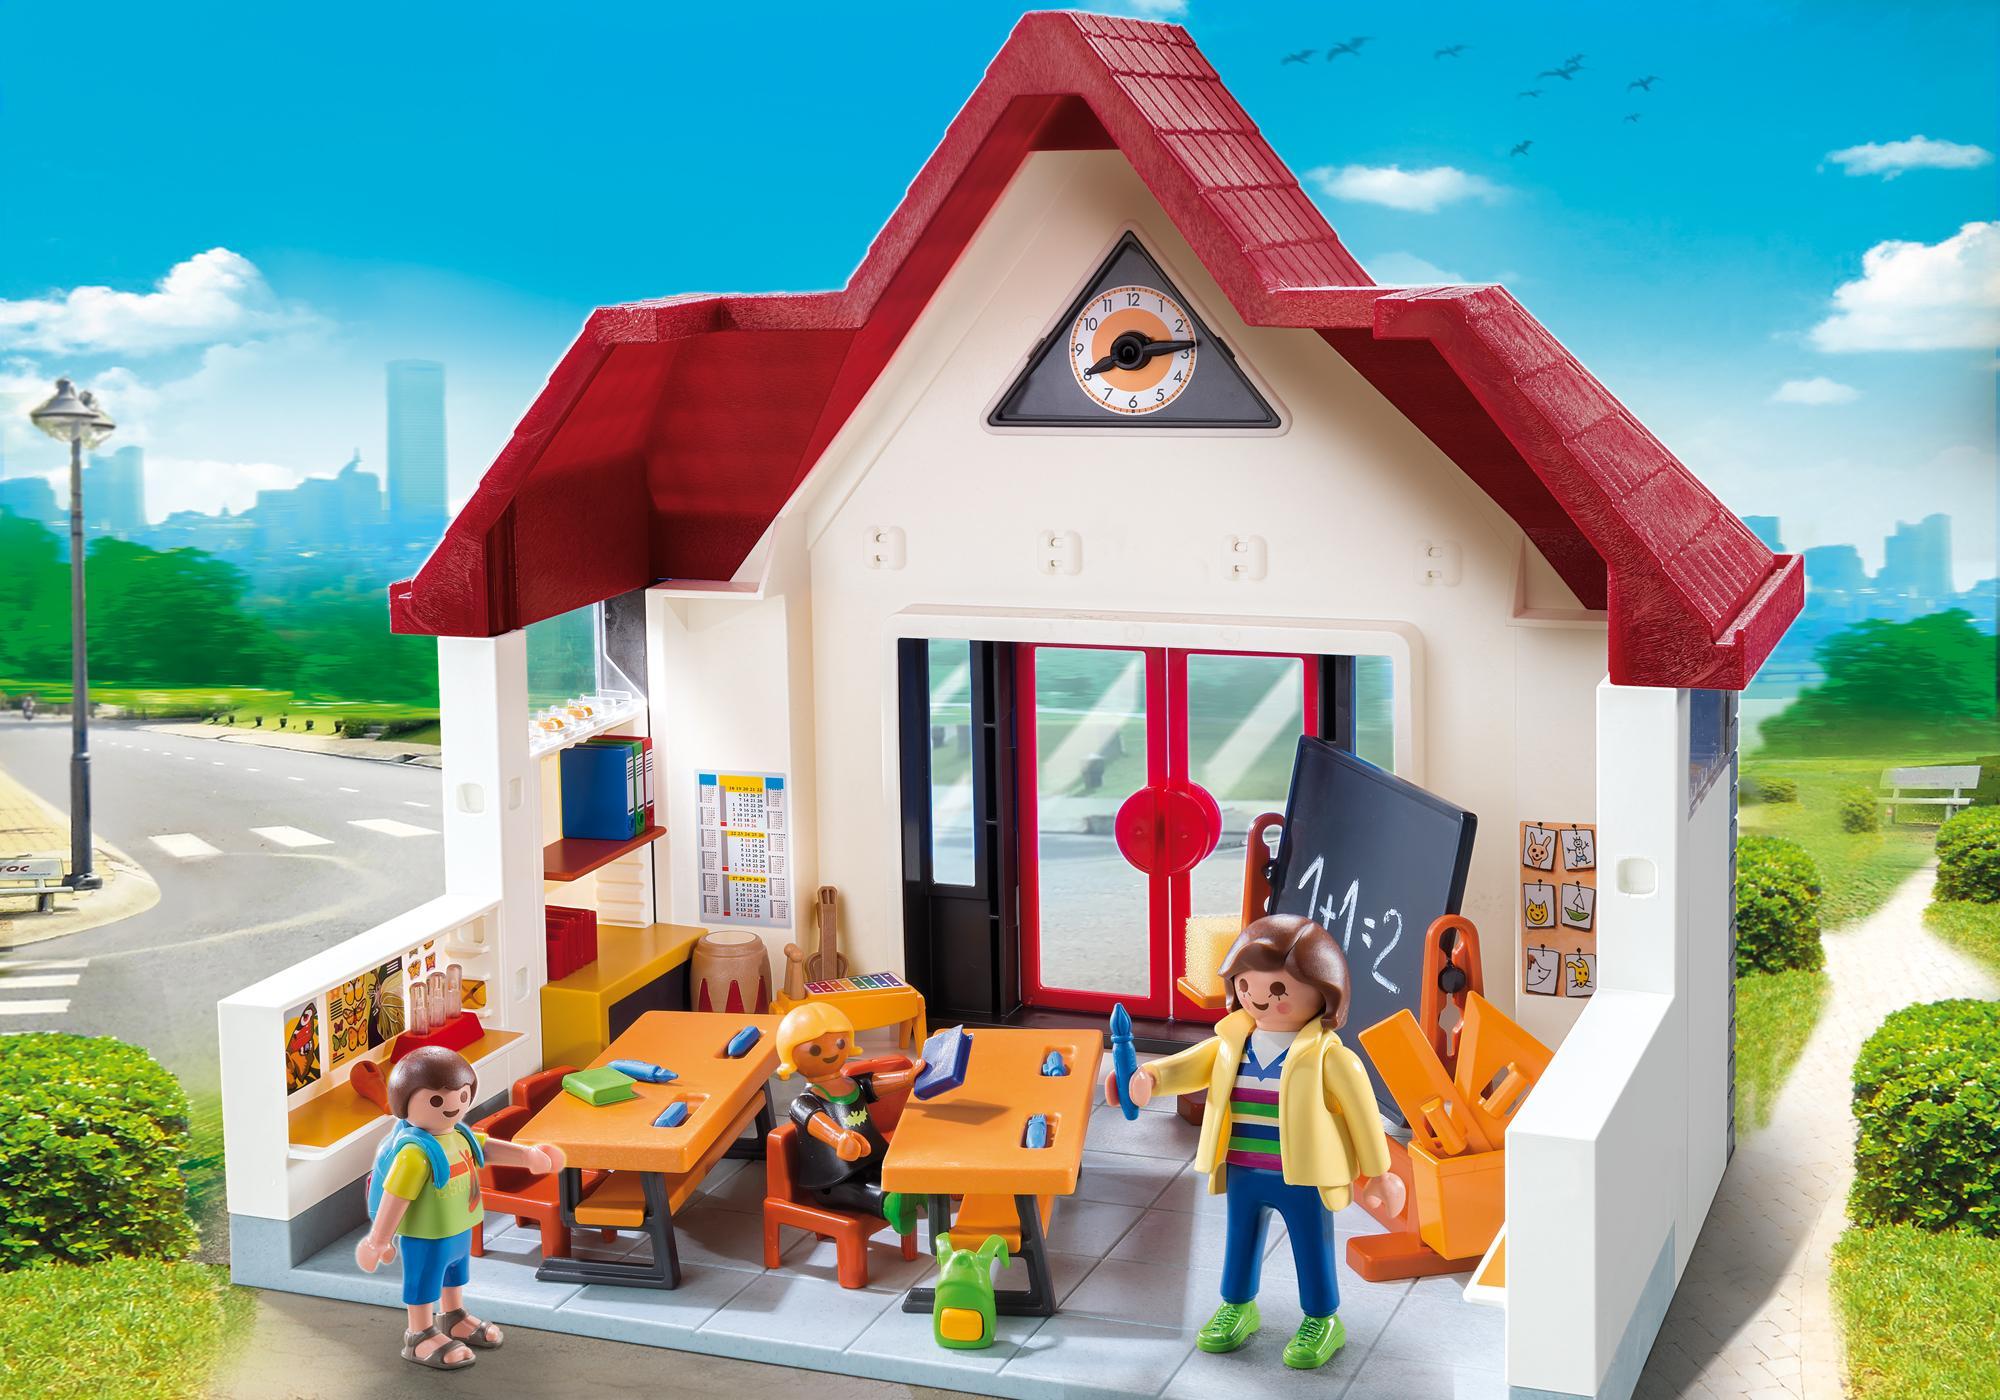 Klaslokaal 6865 Playmobil 174 Nederland